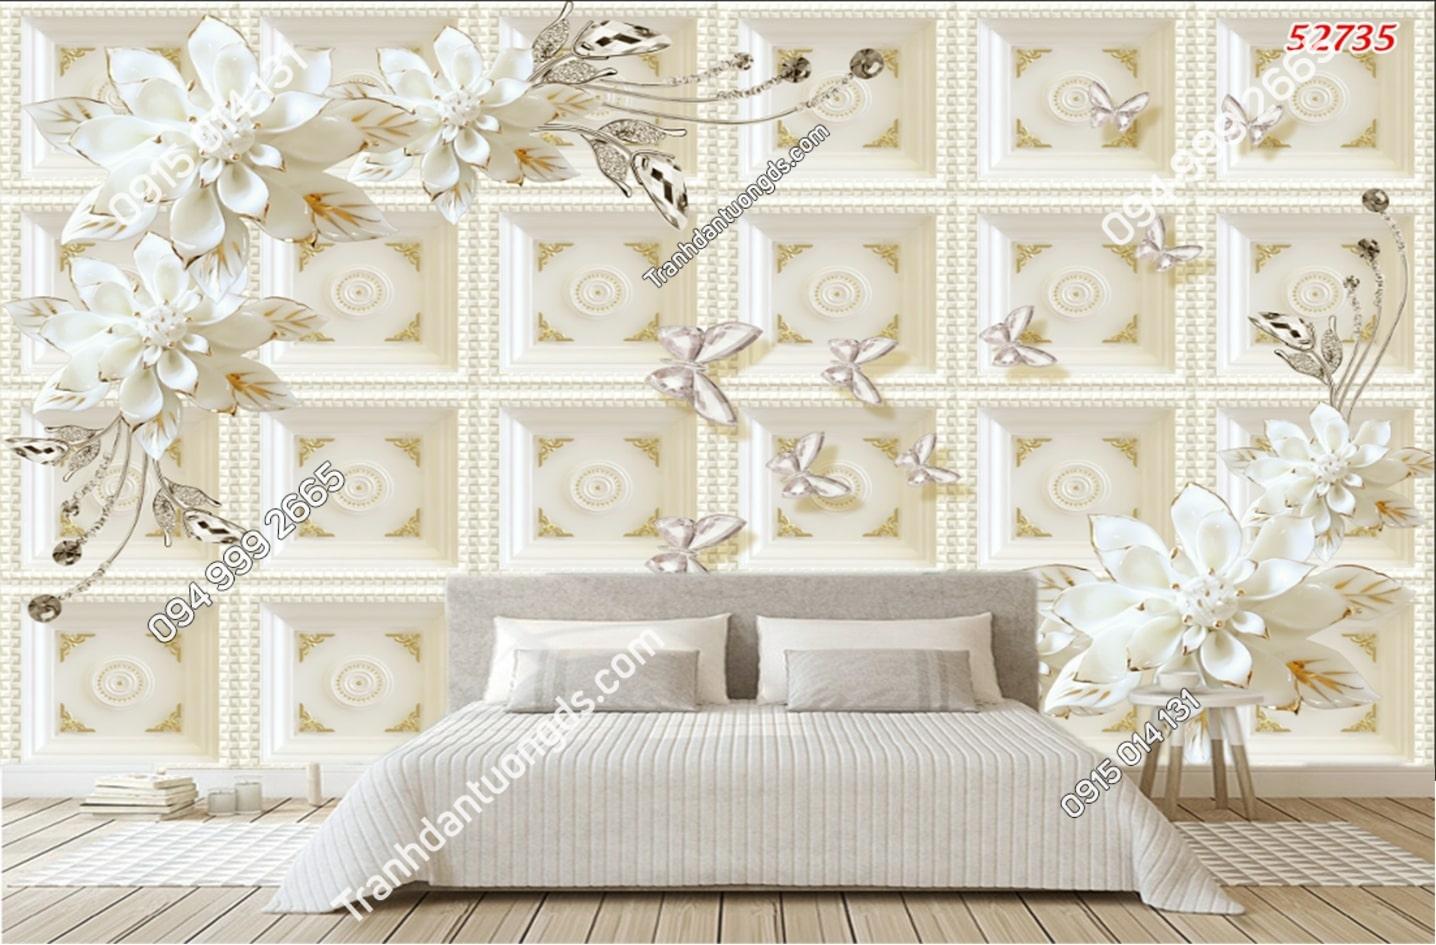 Tranh dán tường hoa 3D trắng giả ngọc 52735